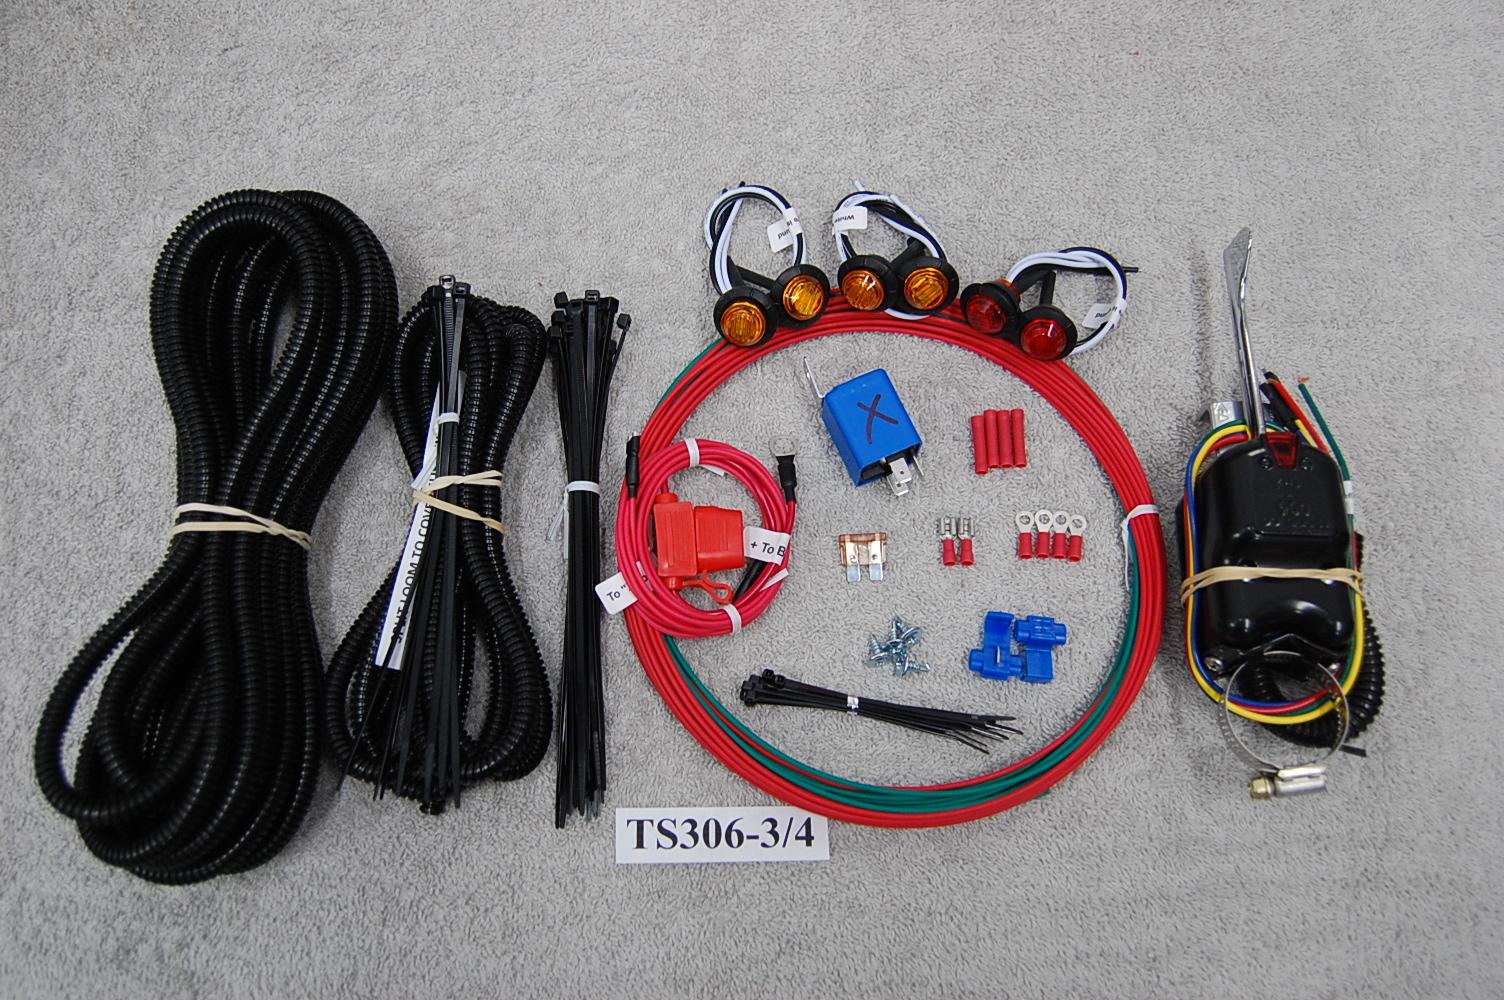 Polaris Rzr Led Light Amp Turn Signal Kit Ts306 3 4 Vic S